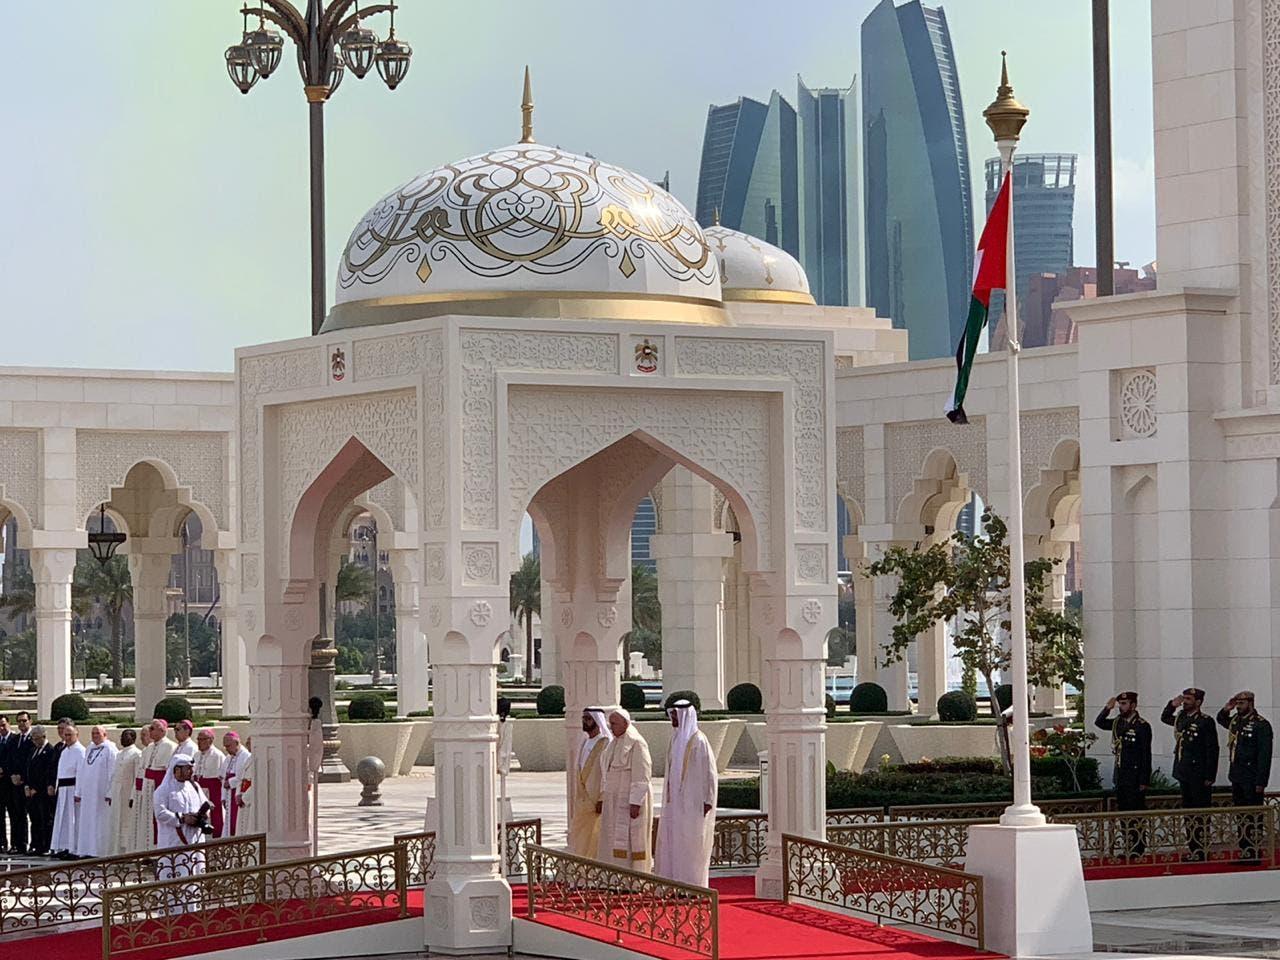 Pope visit to Abu Dhabi (Al Arabiya)